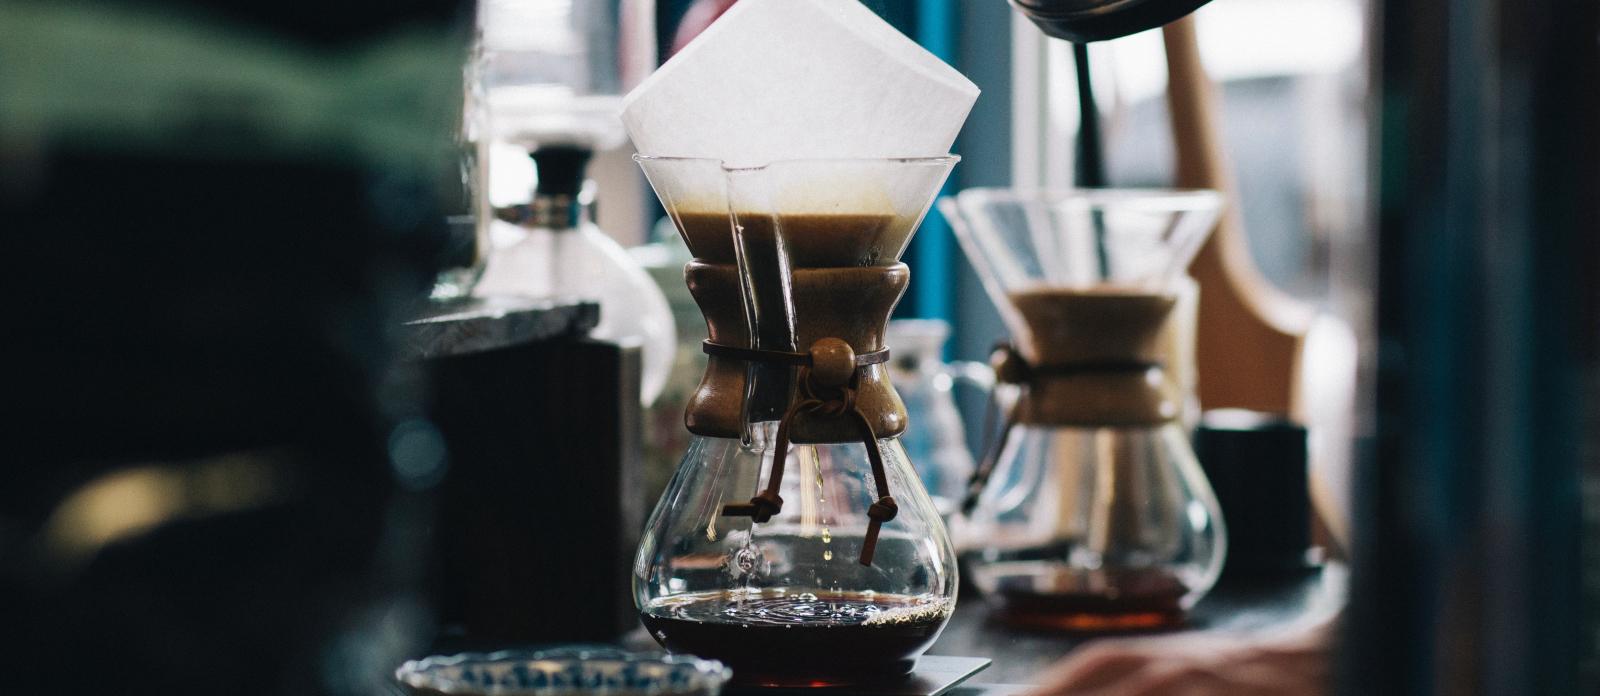 Beber café puede ayudar a fortalecer nuestros huesos